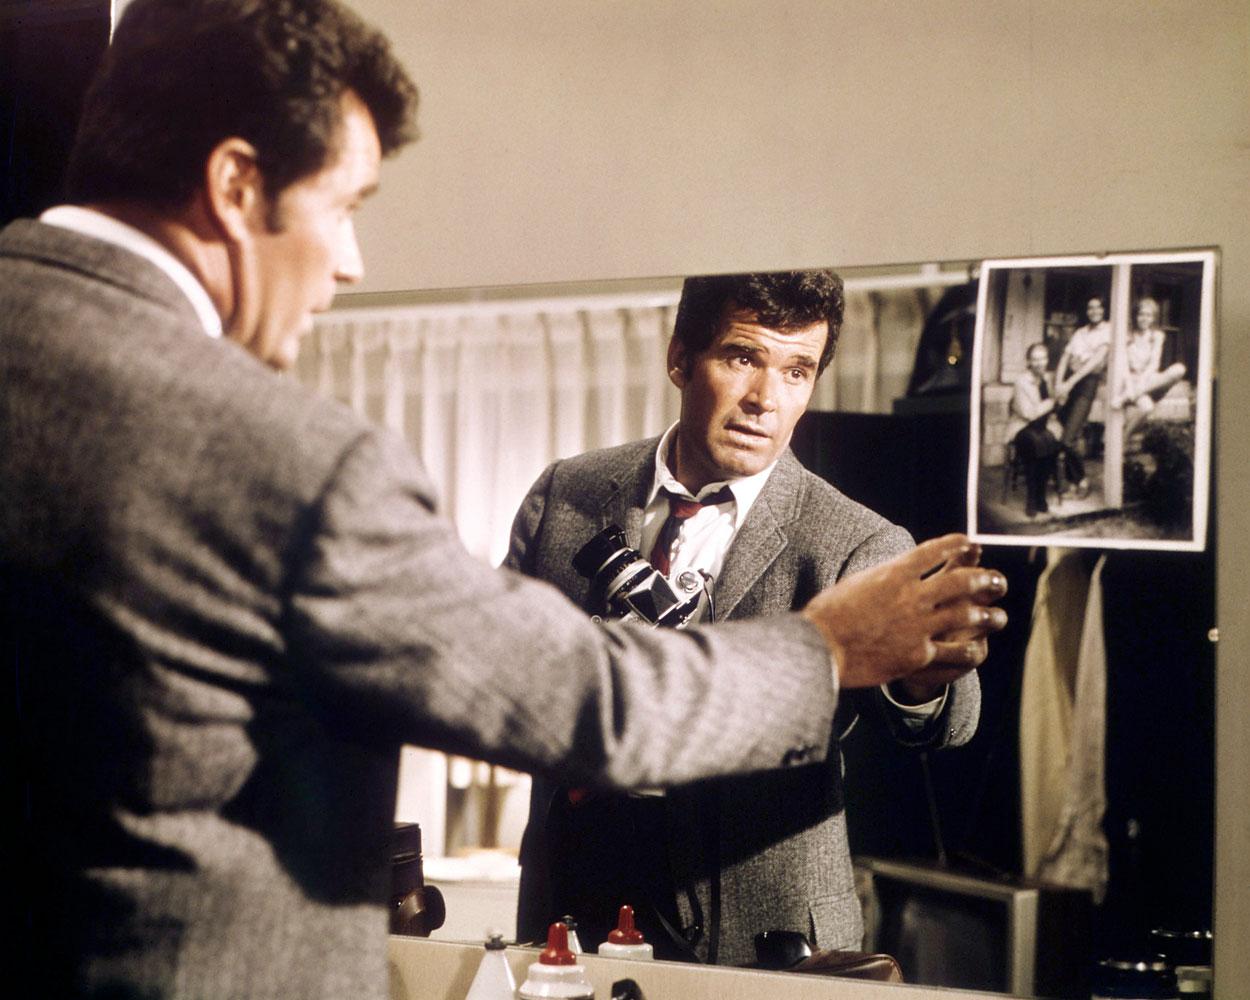 Garner as detective Philip Marlowe, in Marlowe, directed by Paul Bogart, 1969.